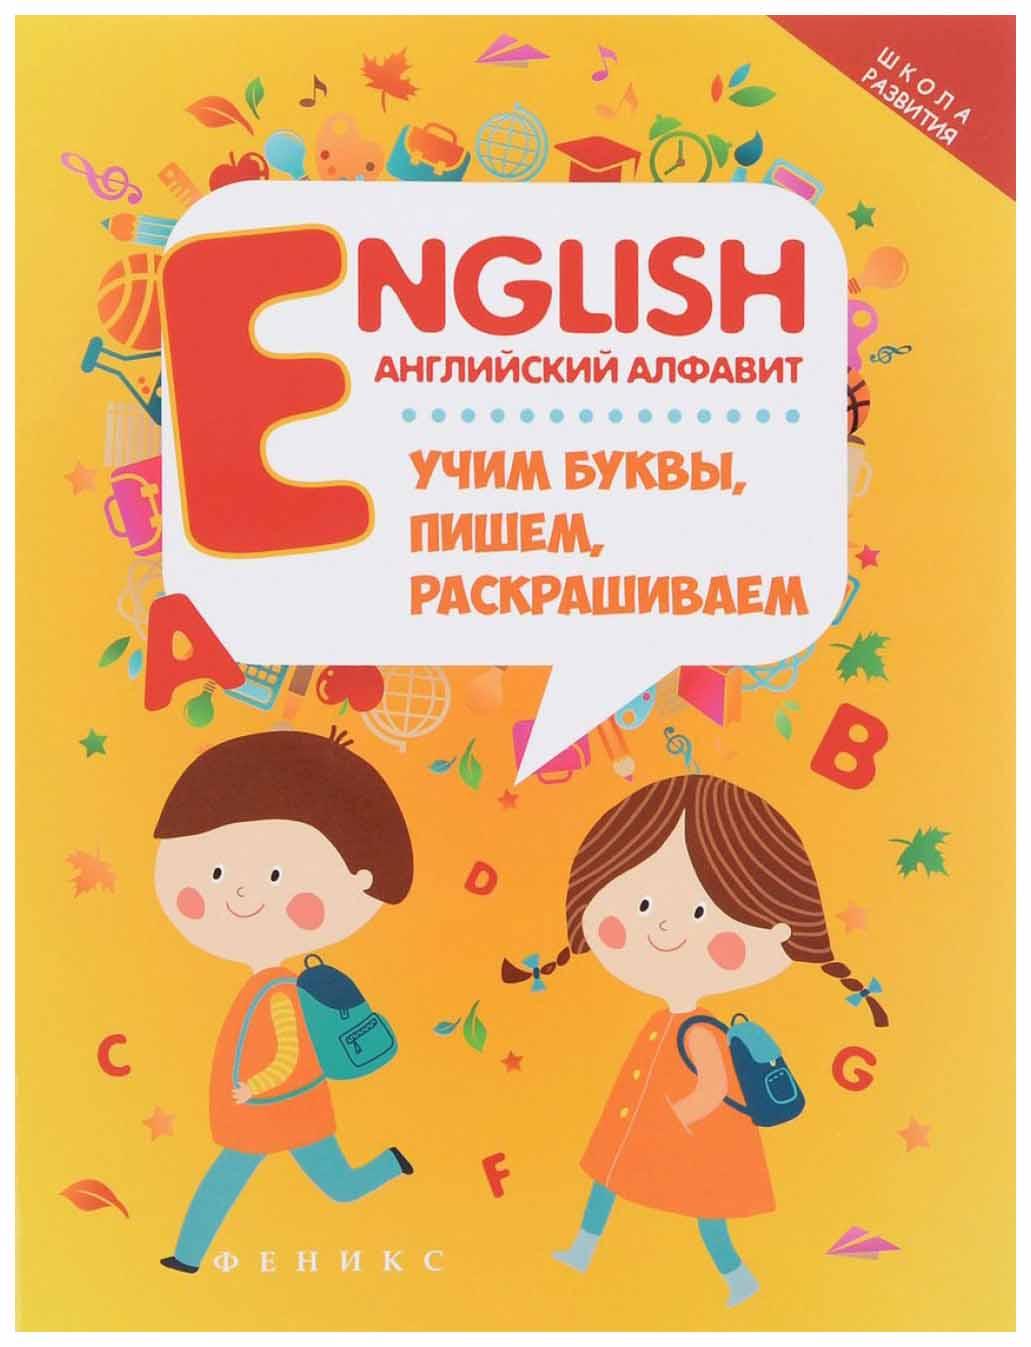 Купить Книжка English: Английский Алфавит: Учим Буквы, пишем, Раскрашиваем, Феникс, Азбуки